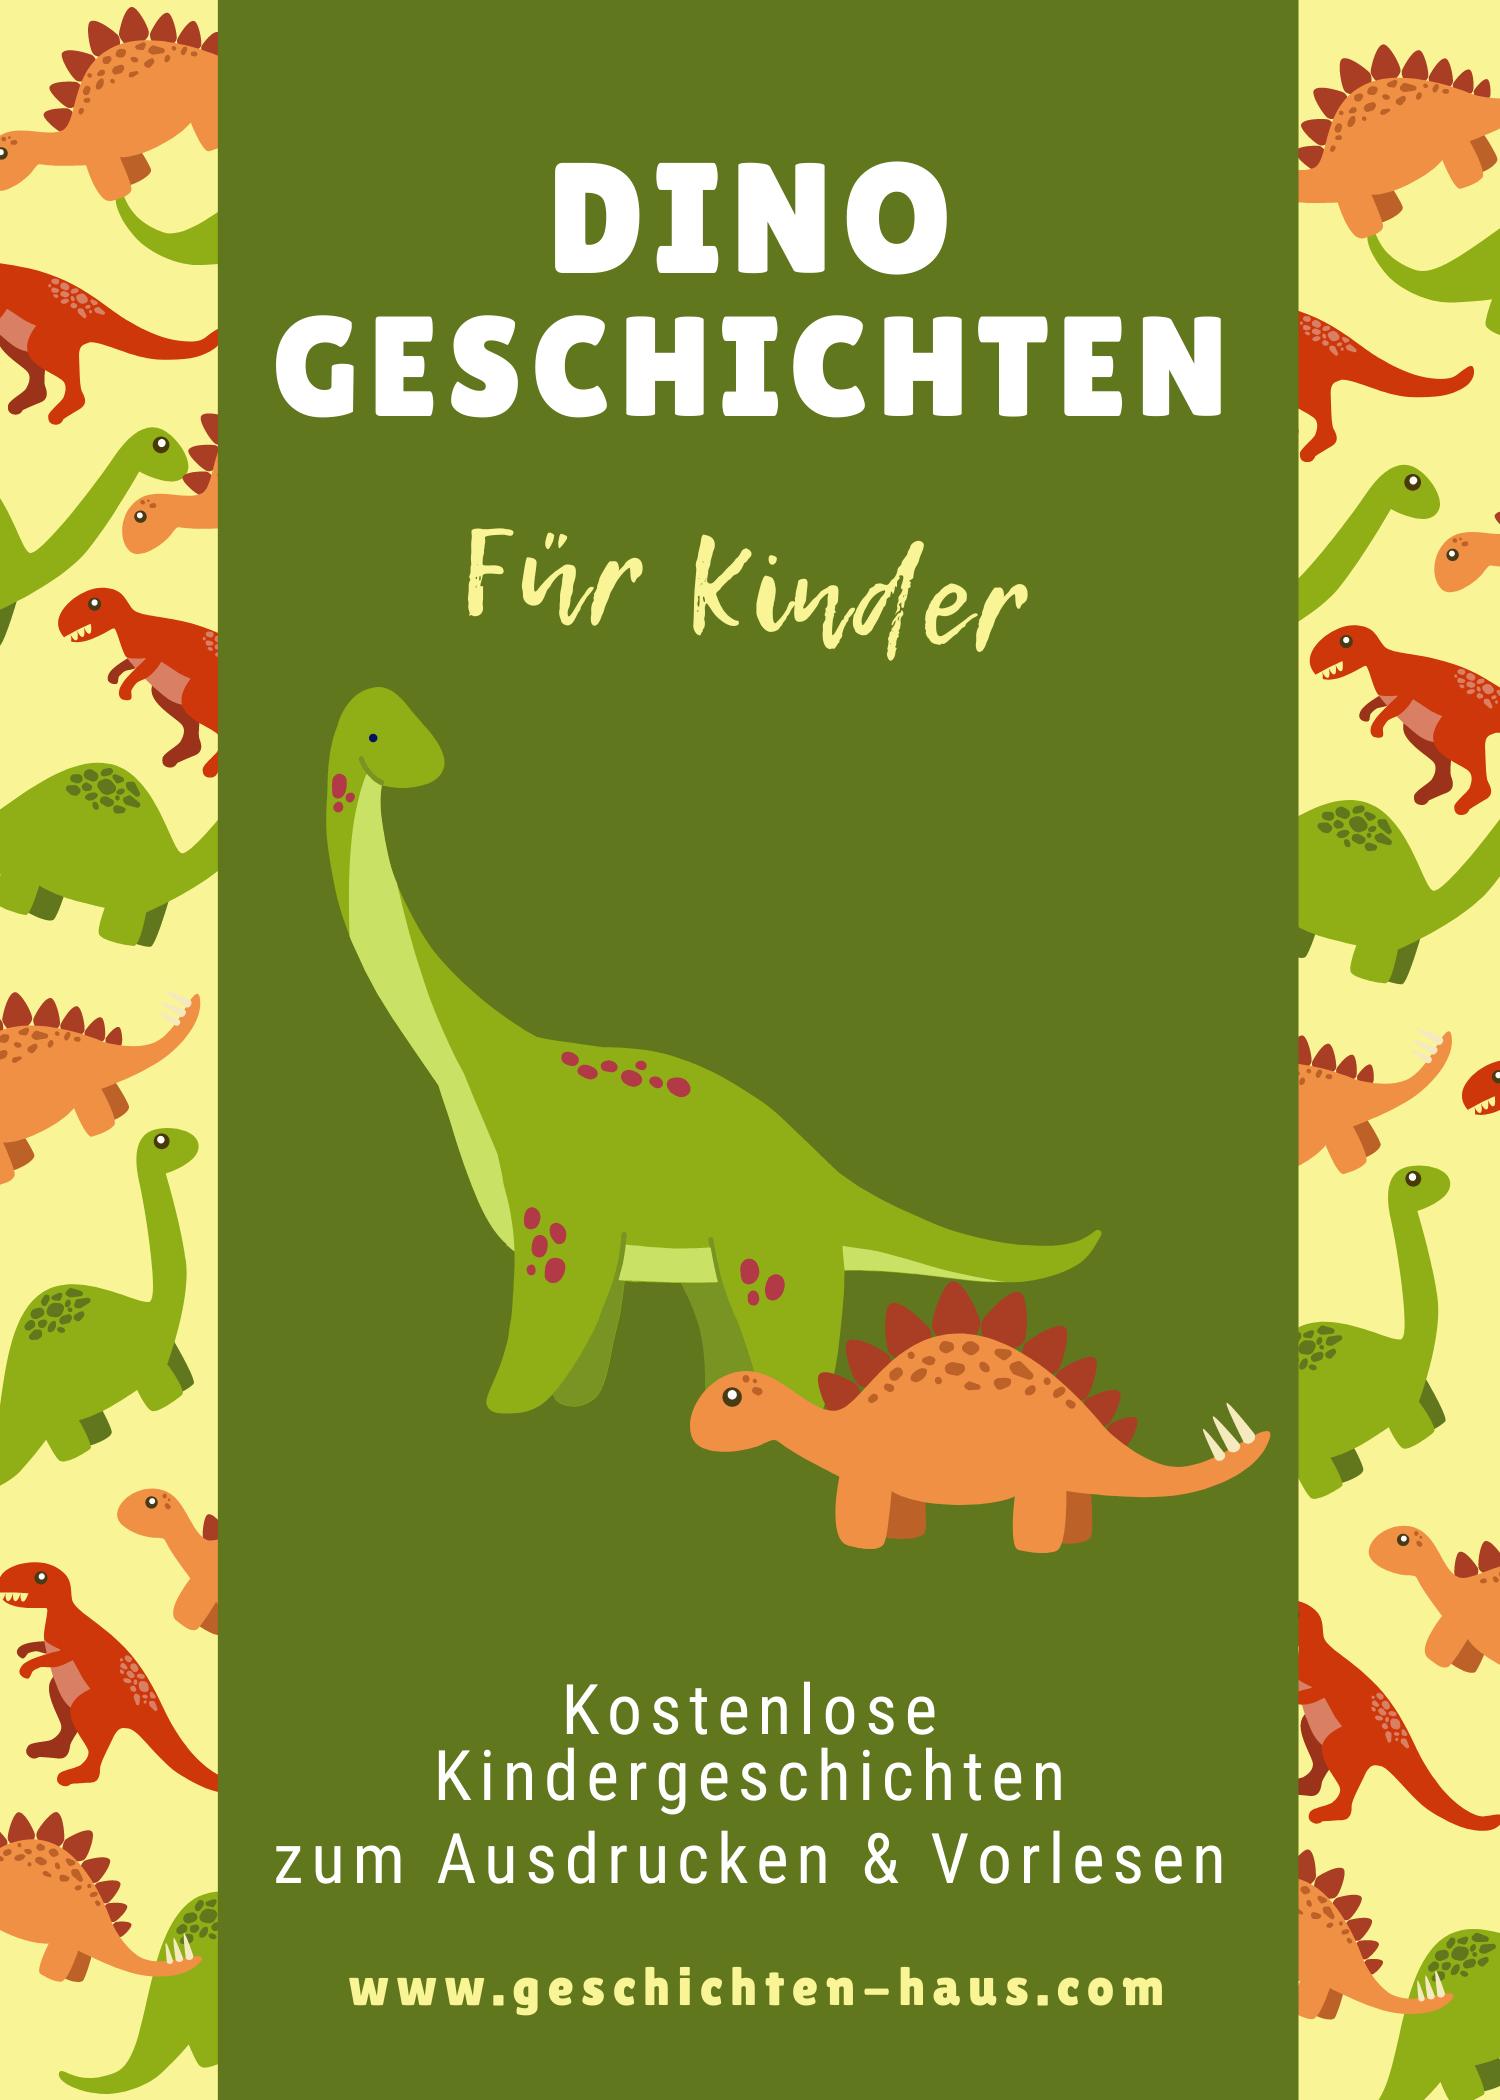 Dinosaurier Geschichten für Kinder (zum Ausdrucken)